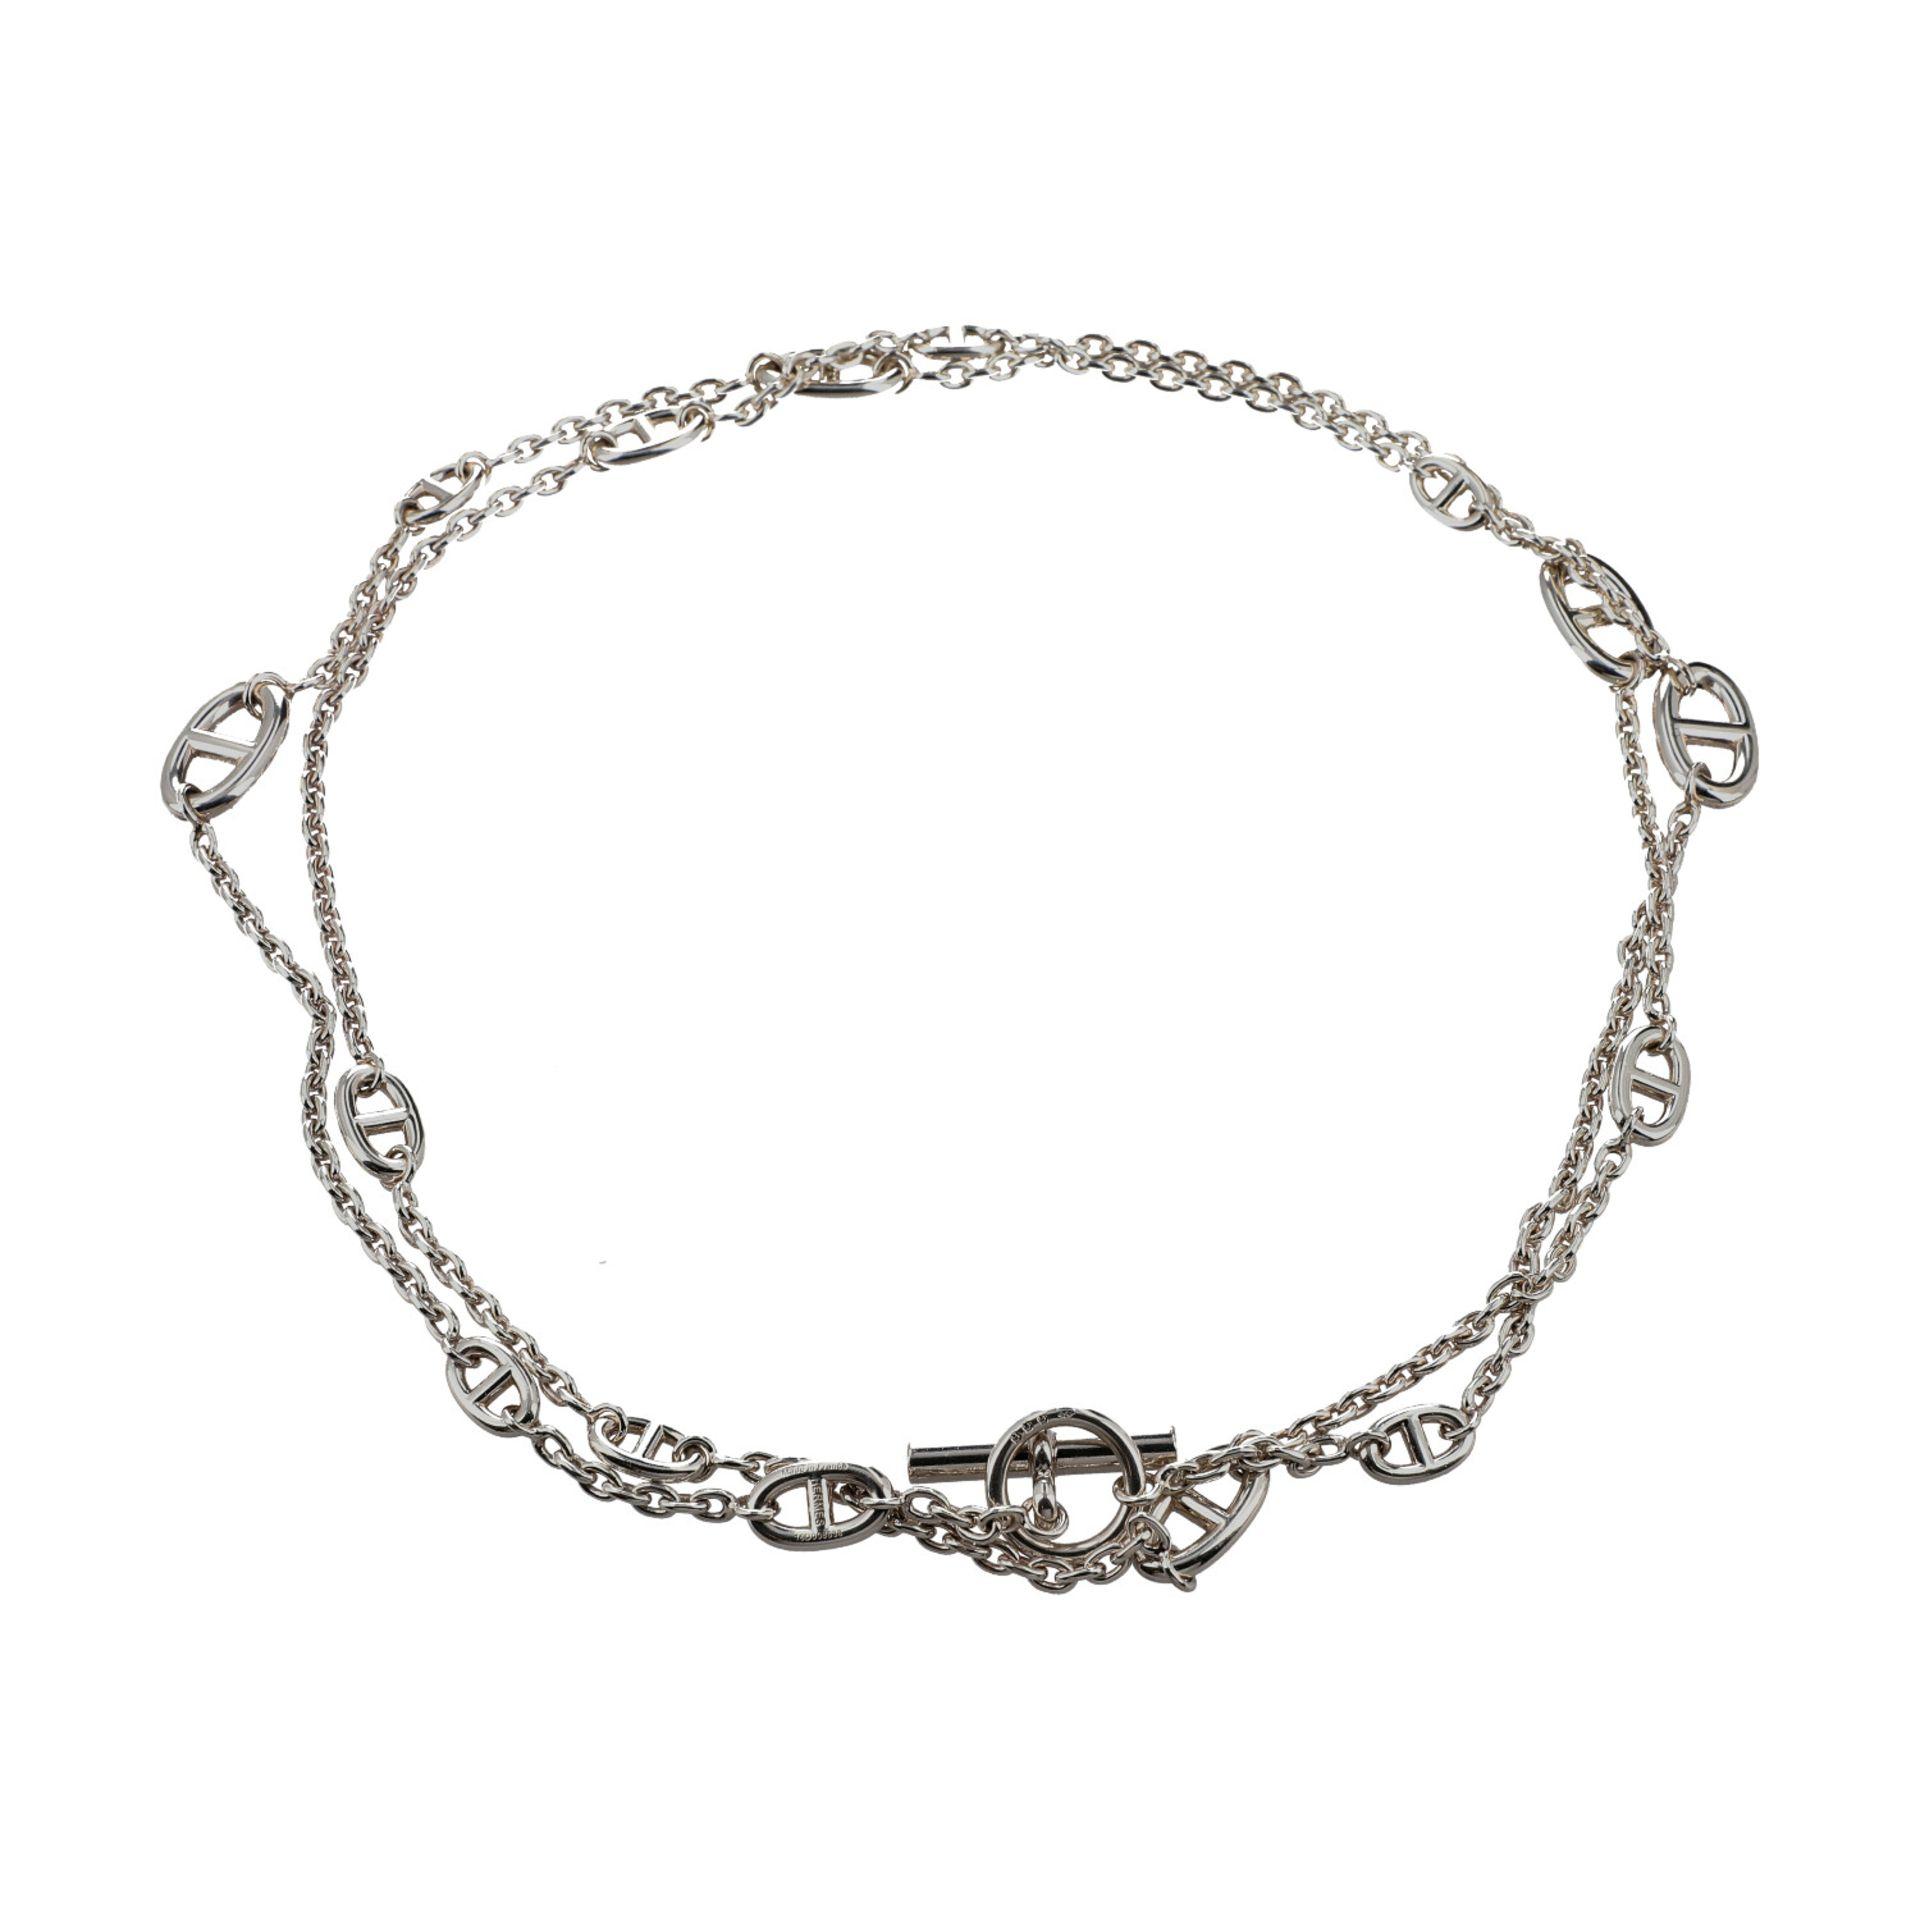 """HERMÈS Collier """"FARANDOLE"""", Länge: 120cm.NP.: 1.310,-€. 925 Silber. Feine Gliederkette mit Chain d` - Bild 2 aus 3"""